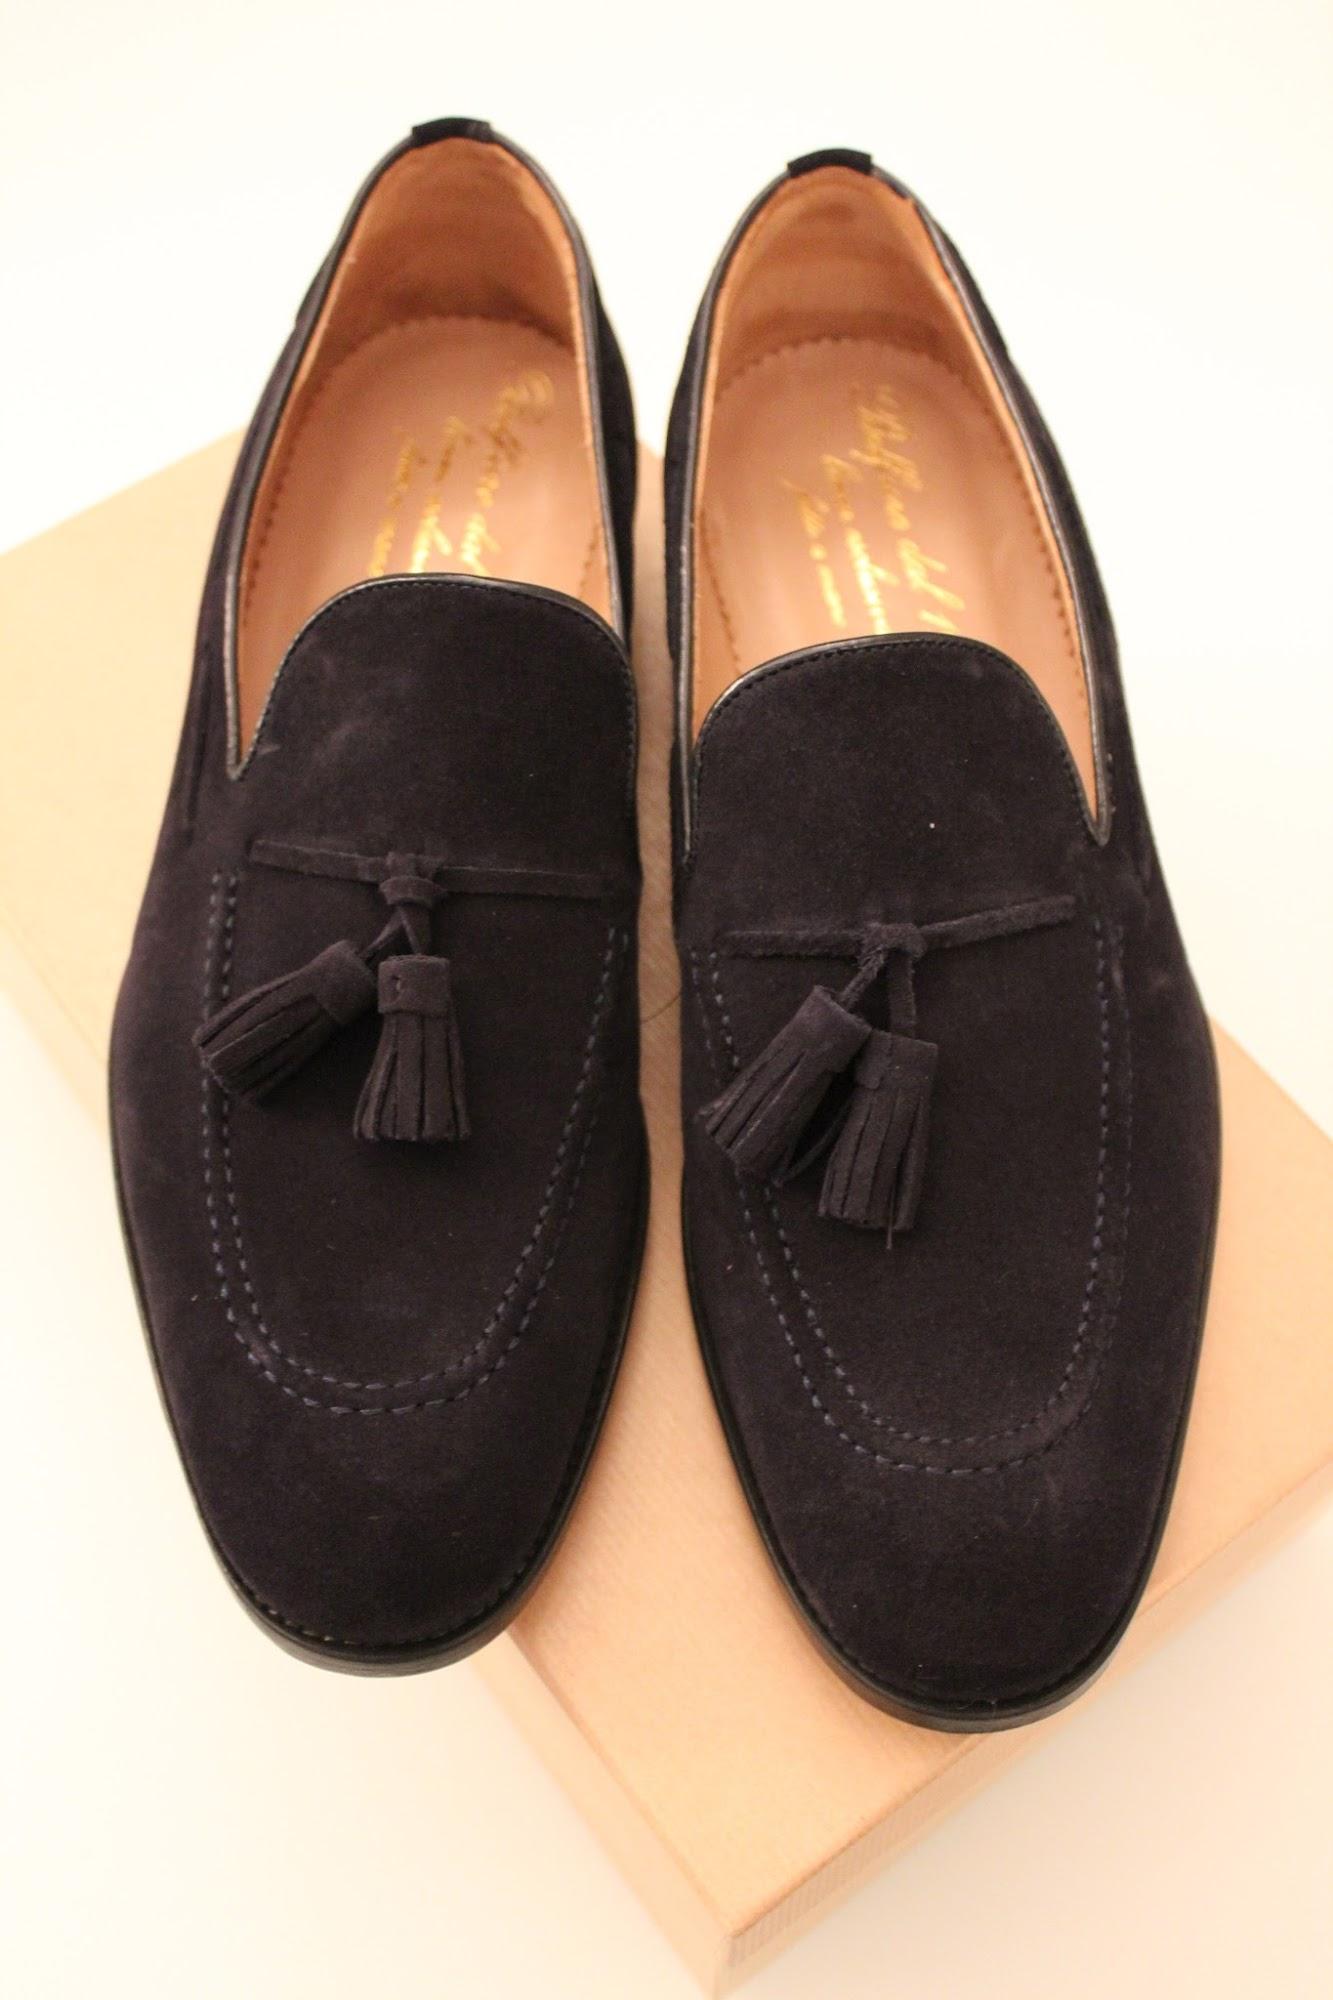 Belfiore Tassel Loafers